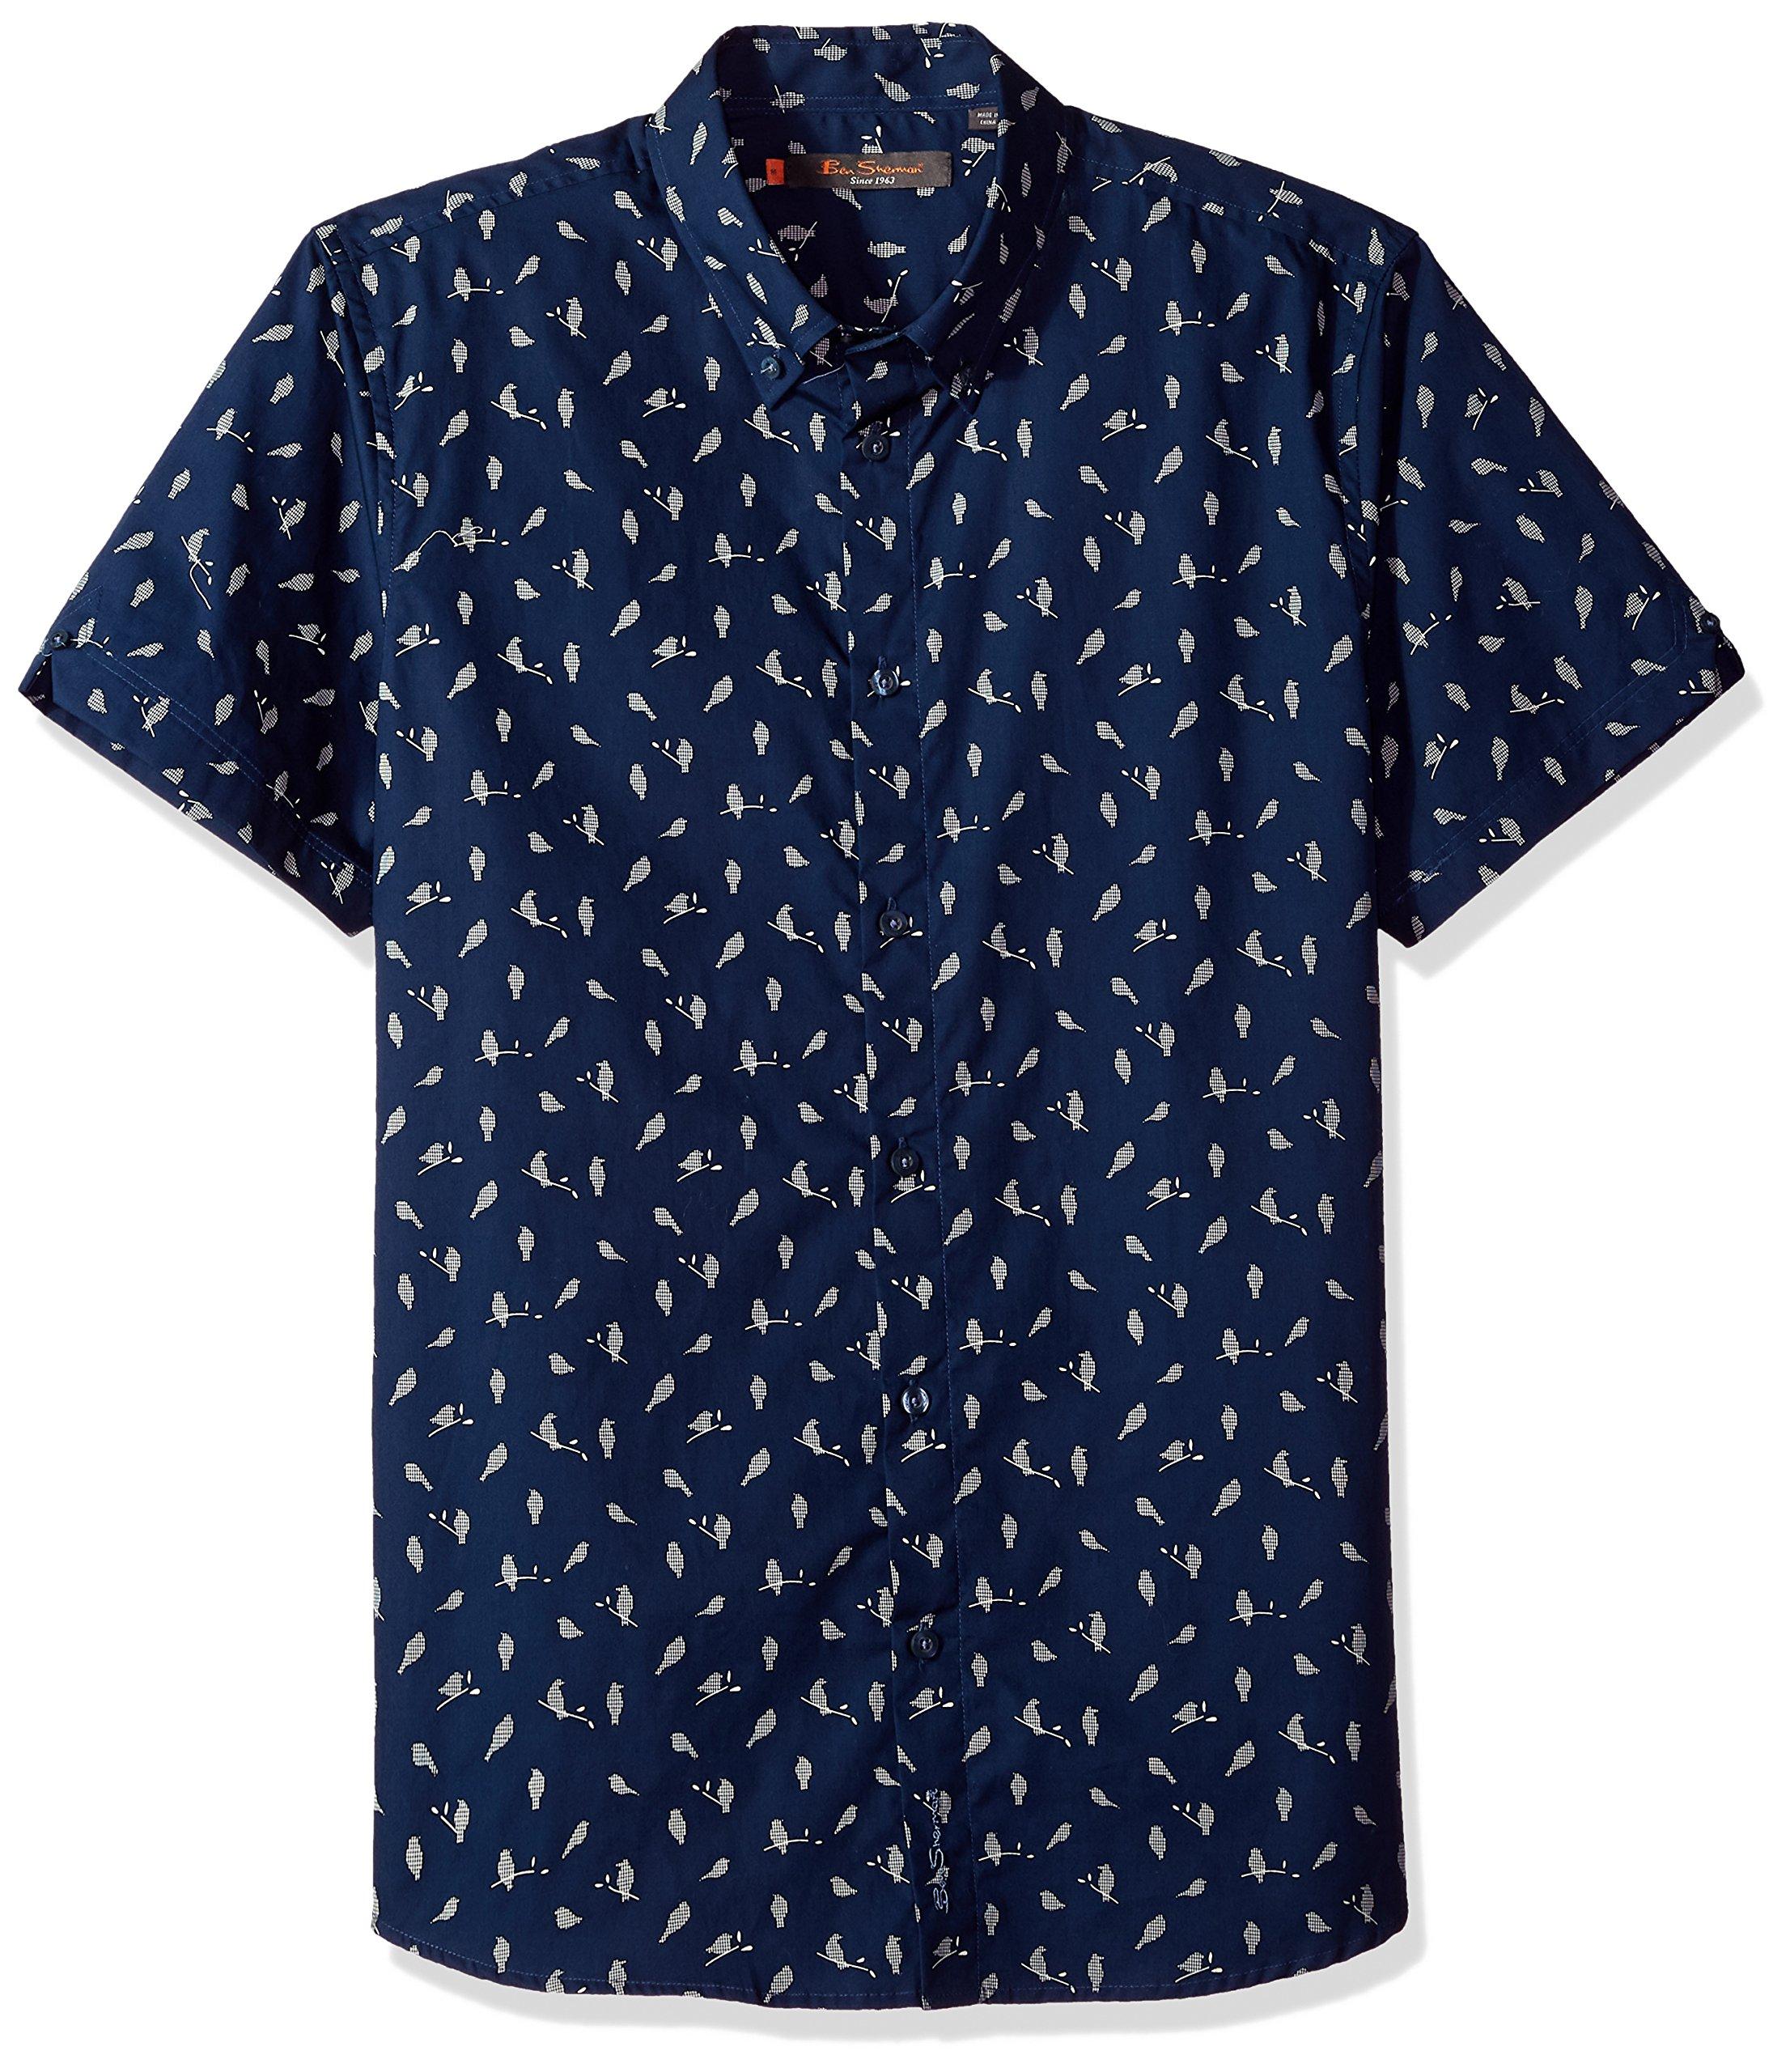 Ben Sherman Men's Short Sleeve Bird Print Shirt, Blue, M